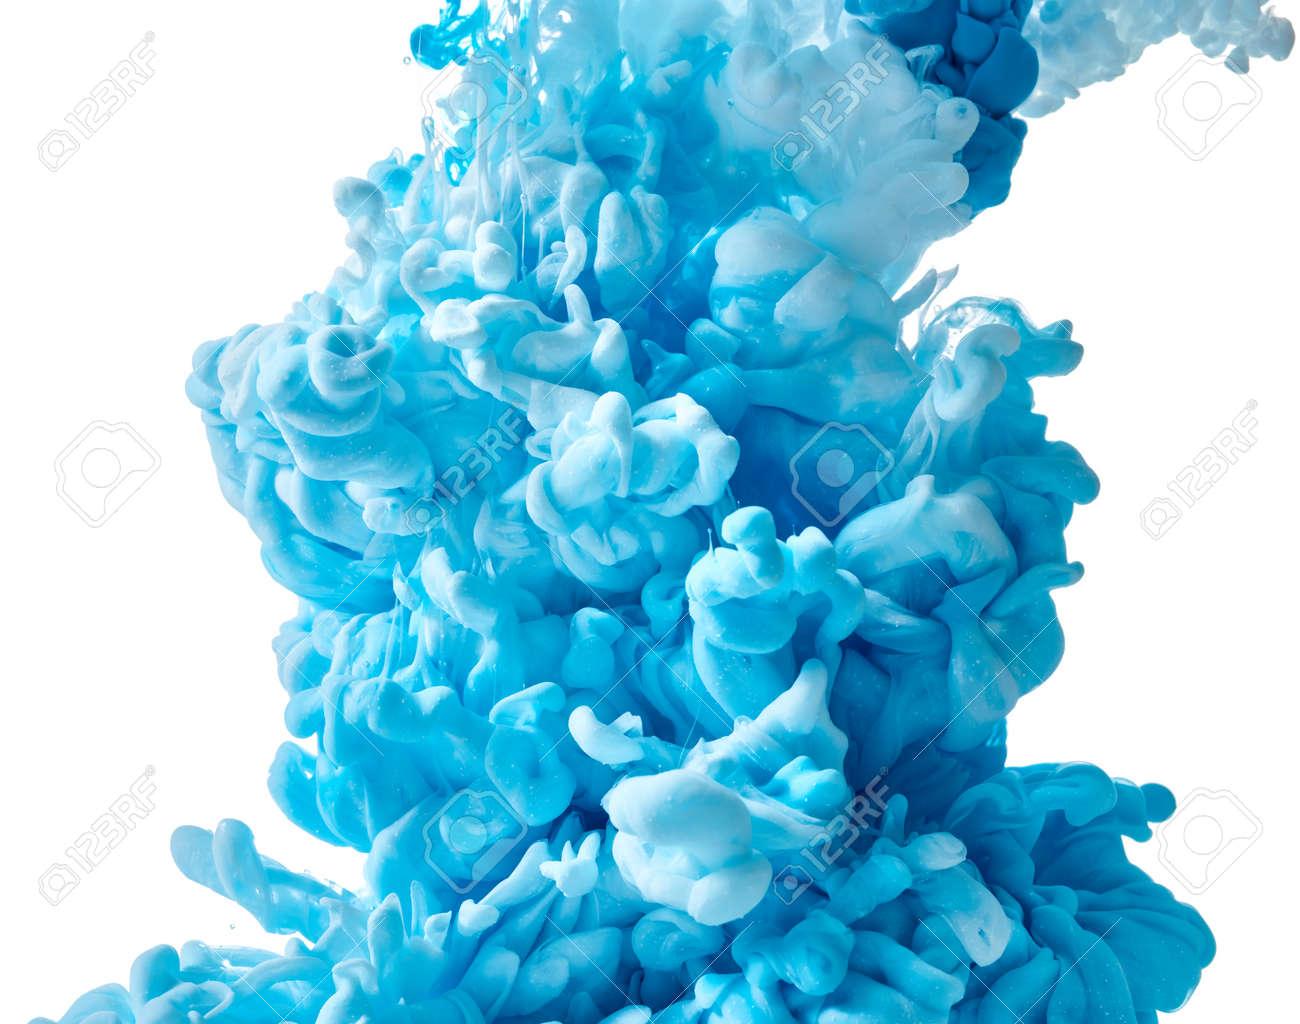 Blue paint splash isolated on white background - 165923358